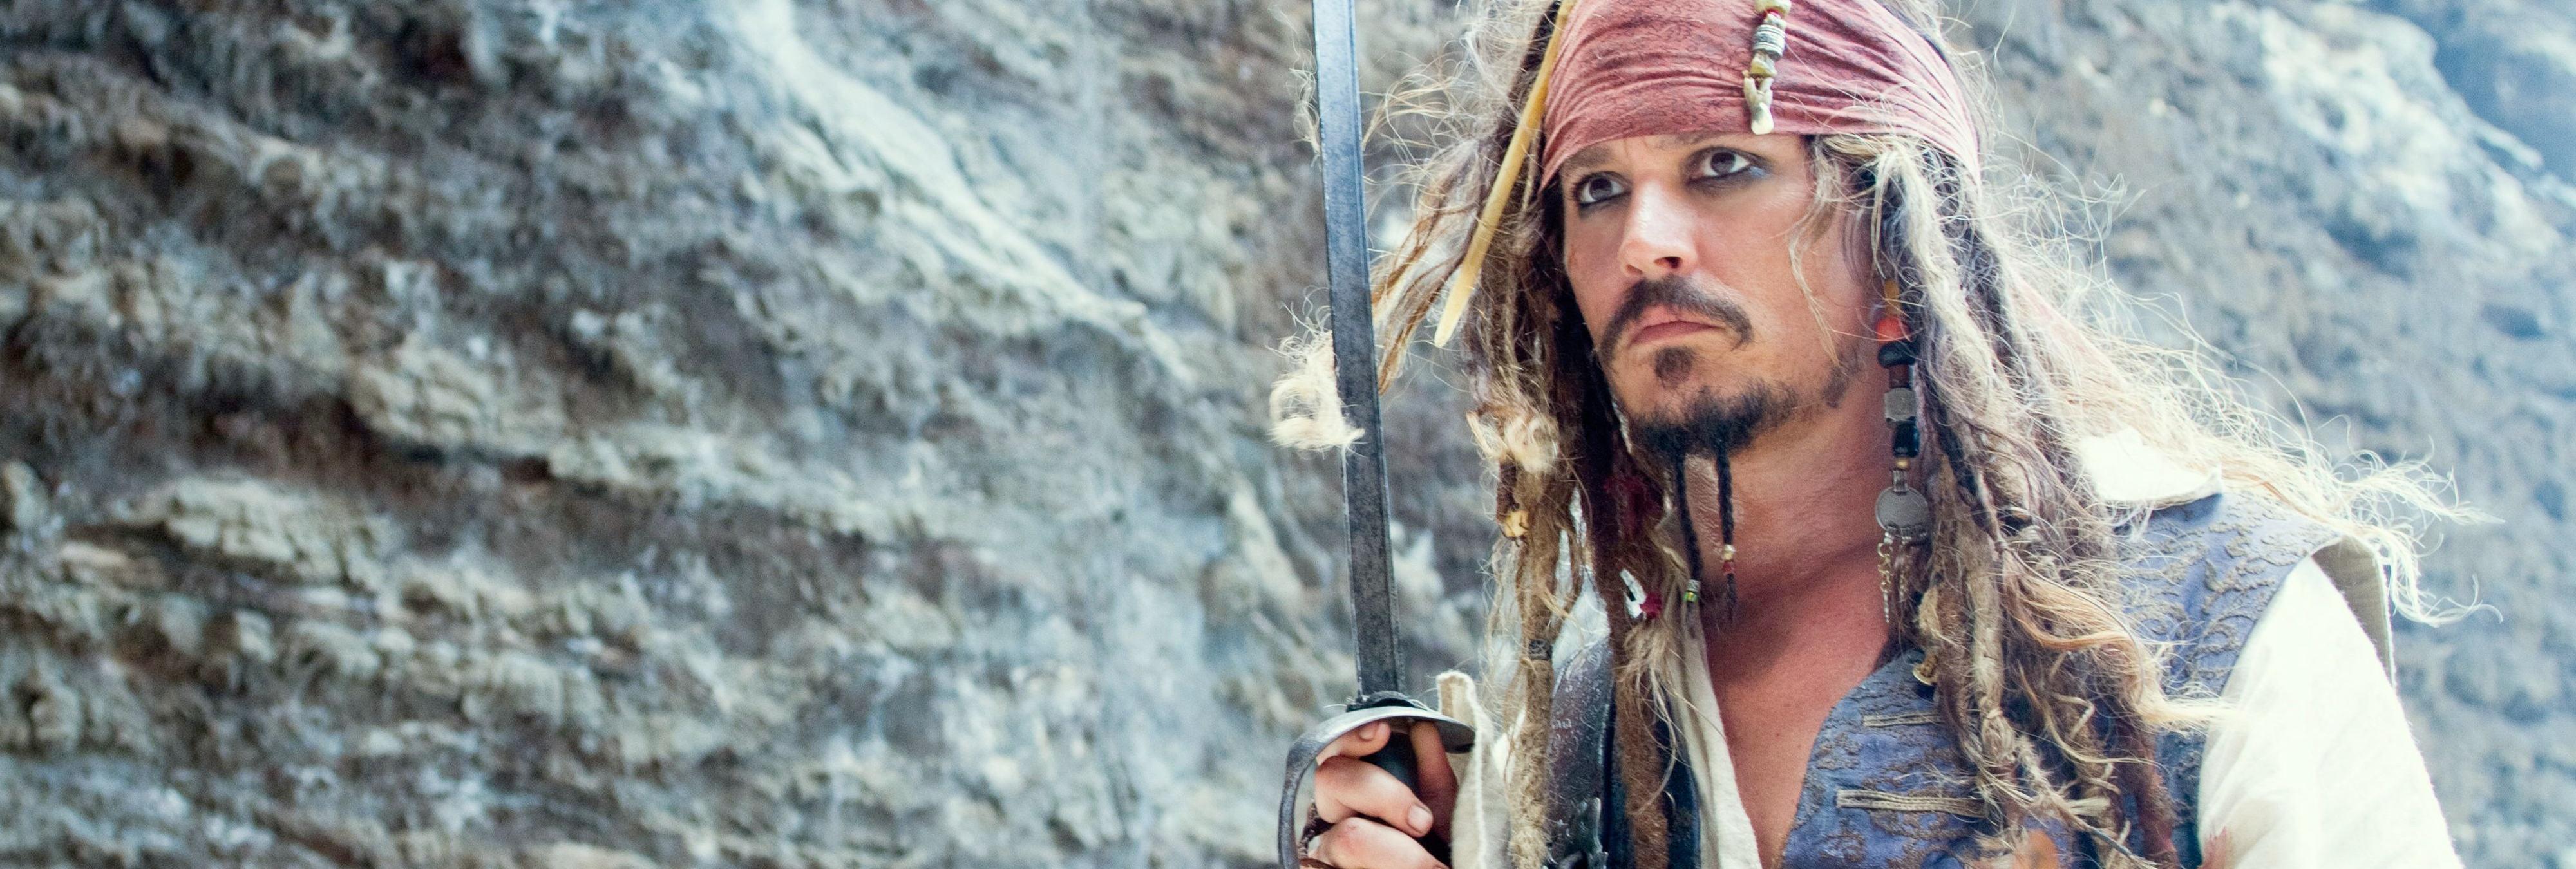 7 síntomas que muestran la decadencia de Johnny Depp